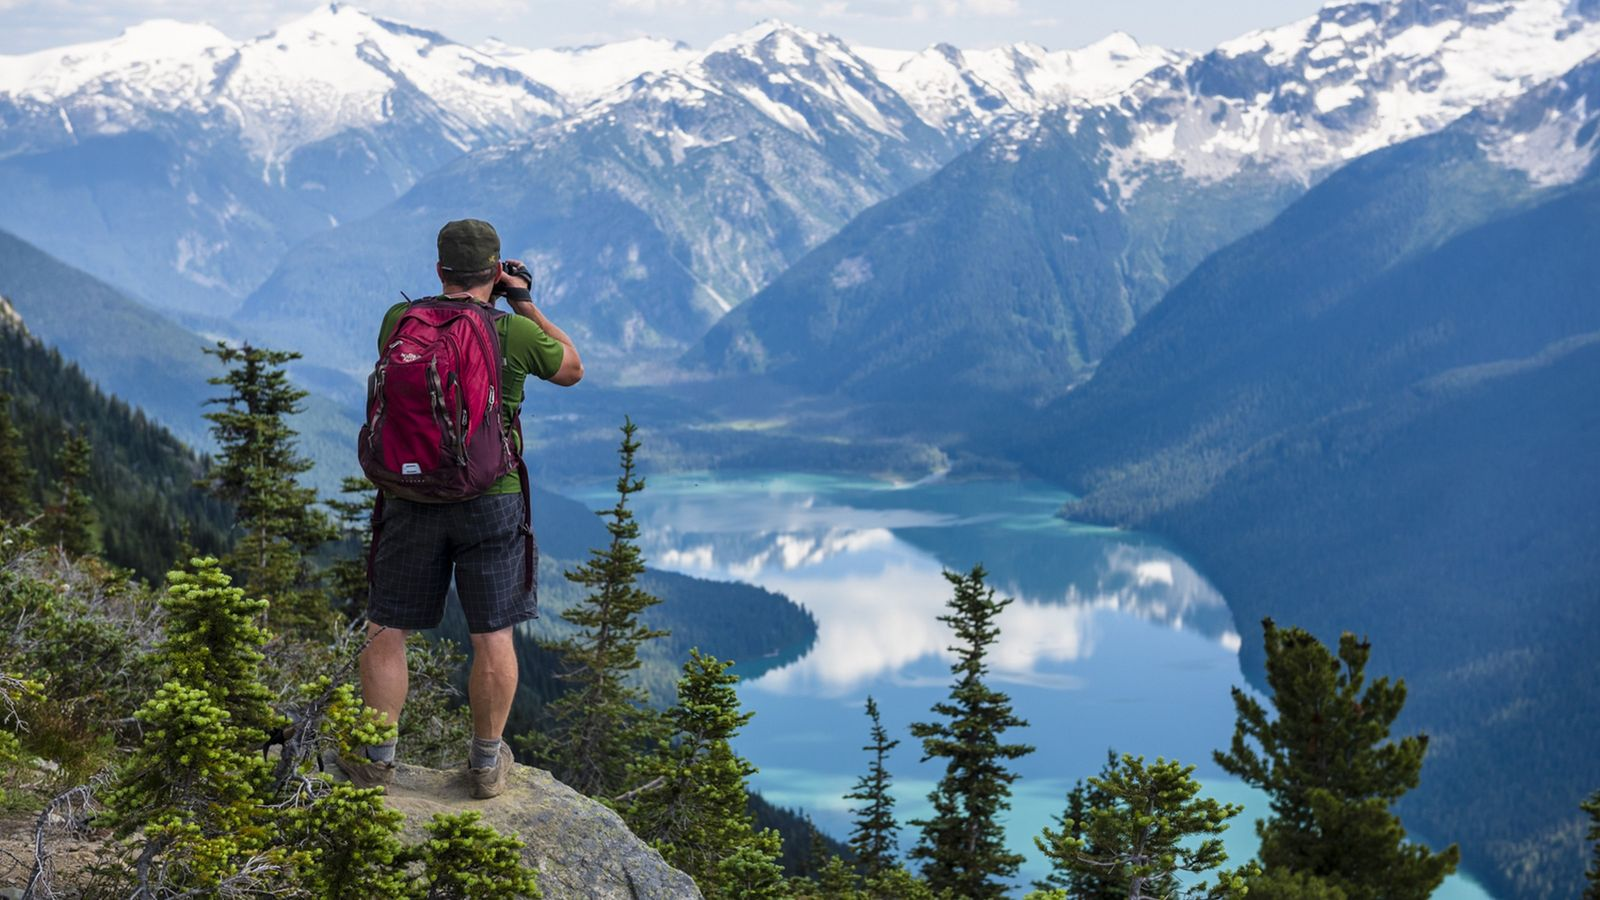 Der Nigh Note Trail bietet einen spektakulären Blick auf den Cheakamus Lake im Garibaldi Provincial Park.